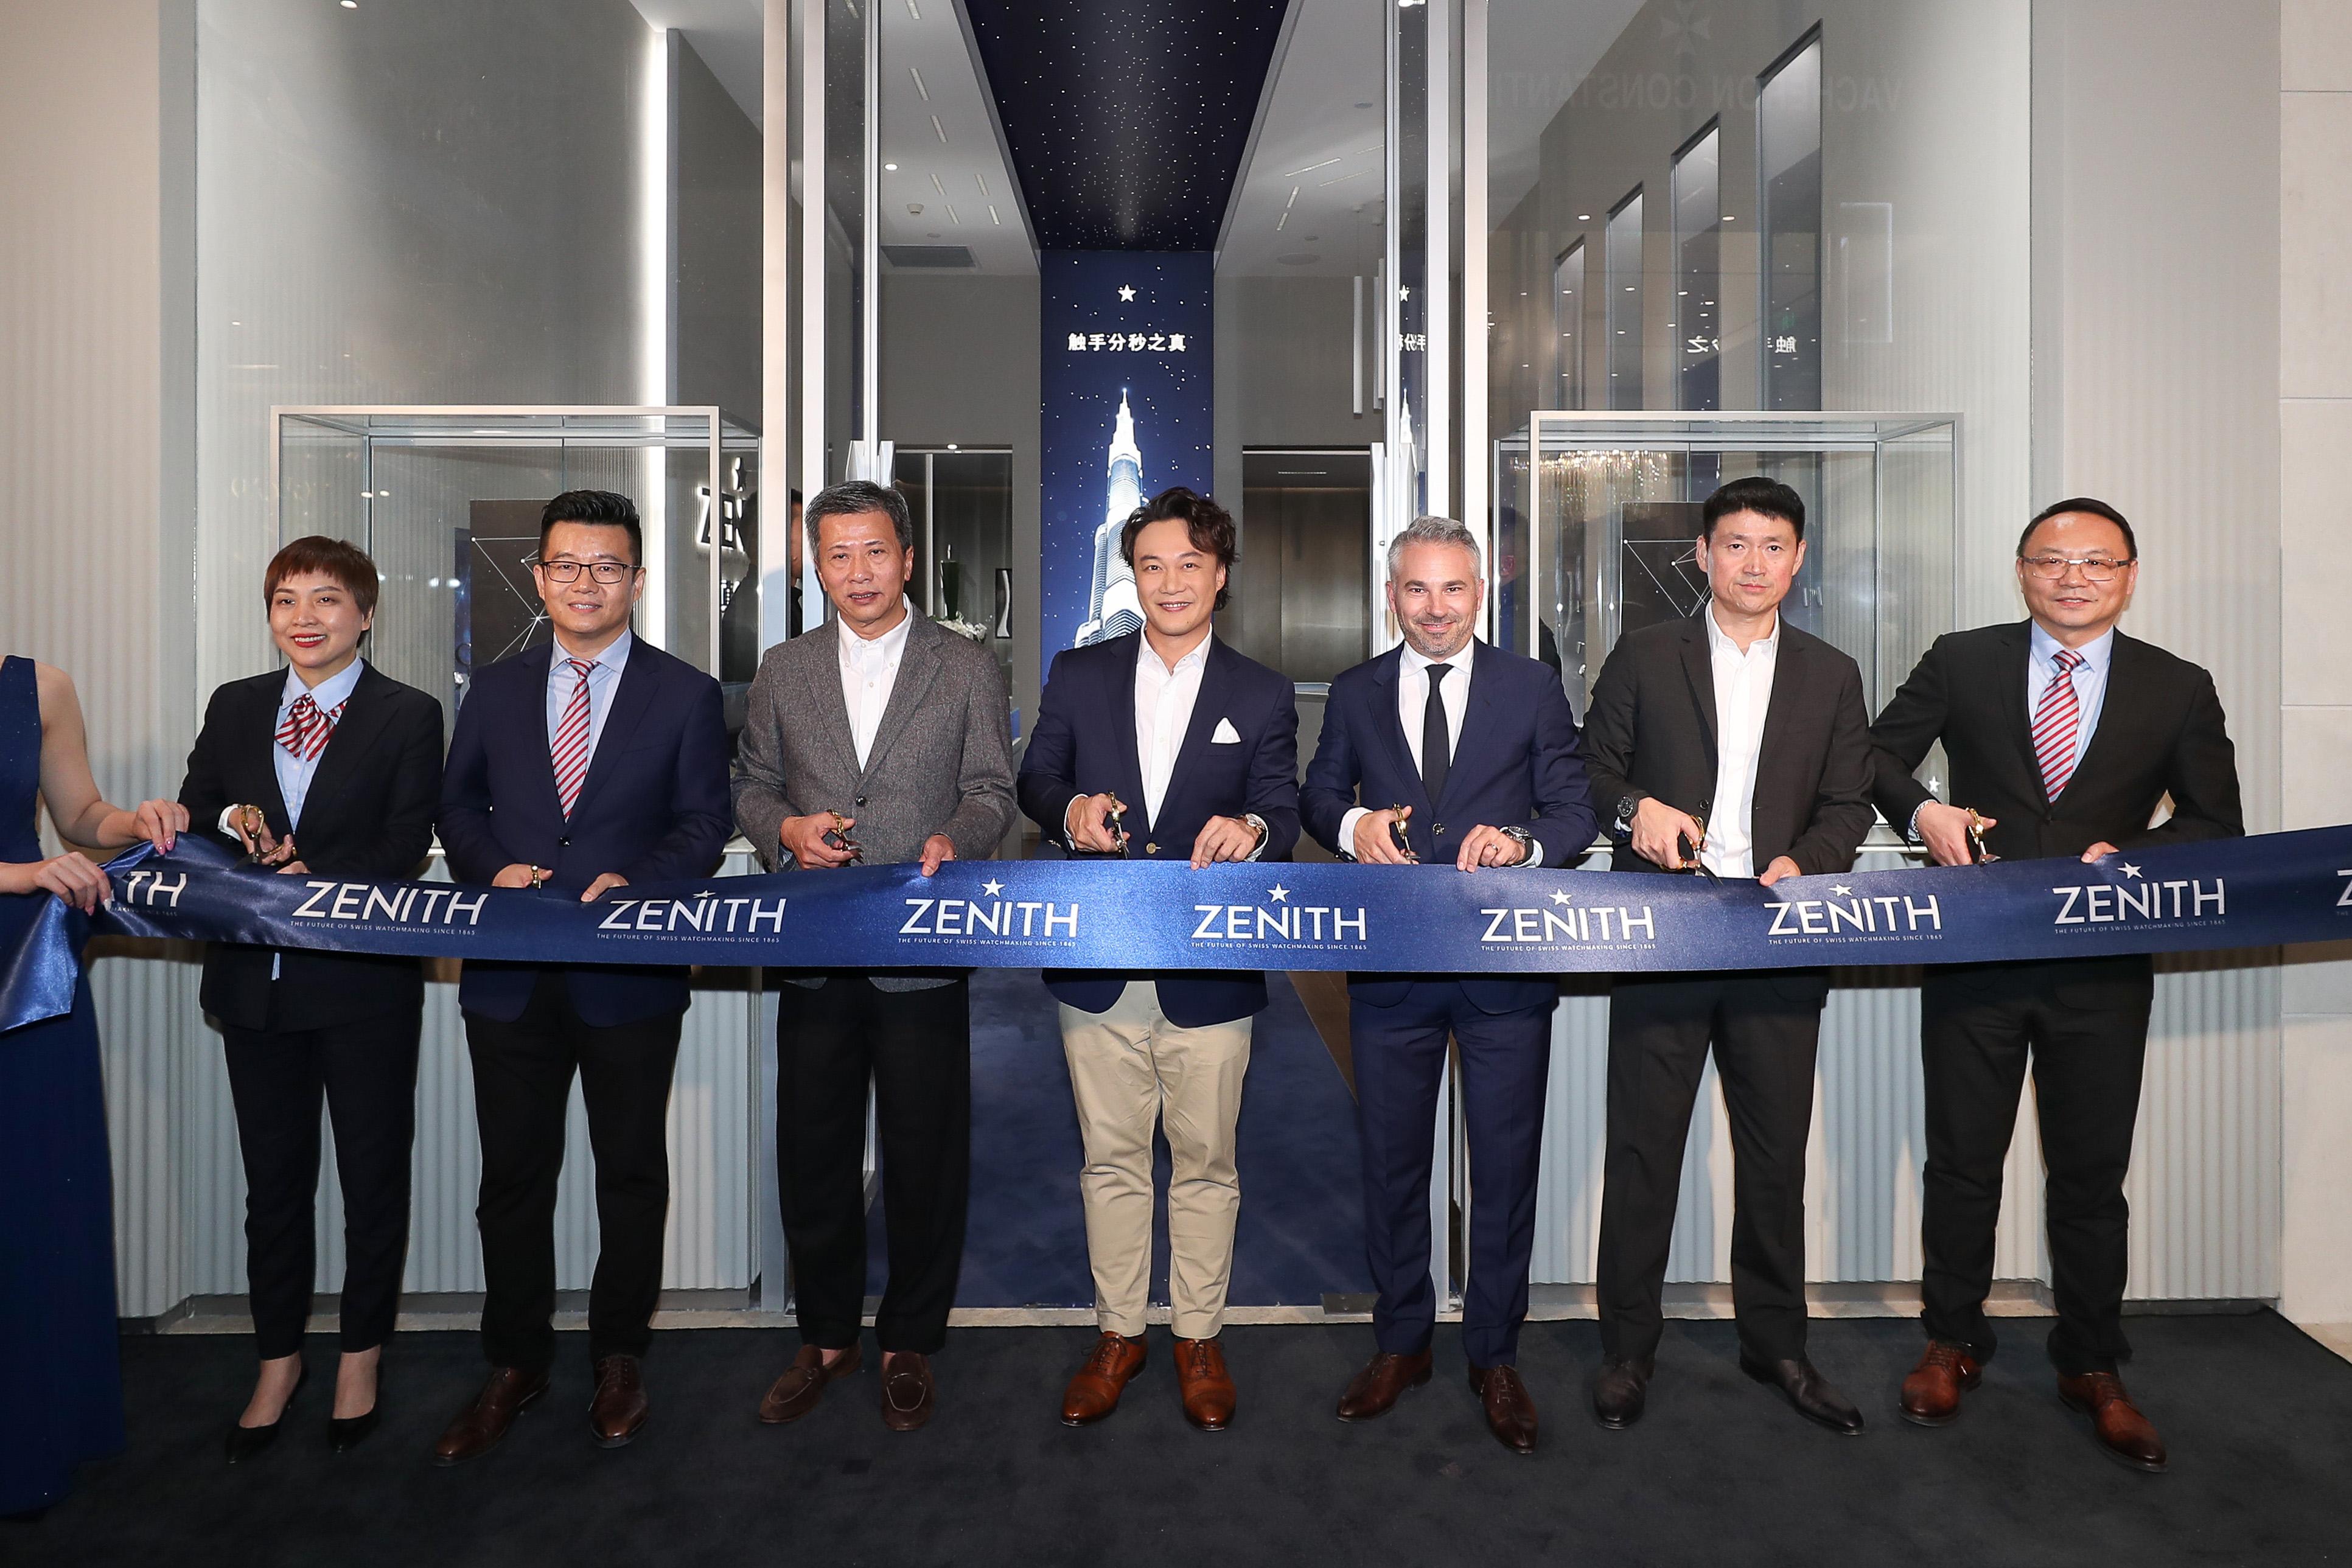 Zenith_boutique opening Zhengzhou (6)